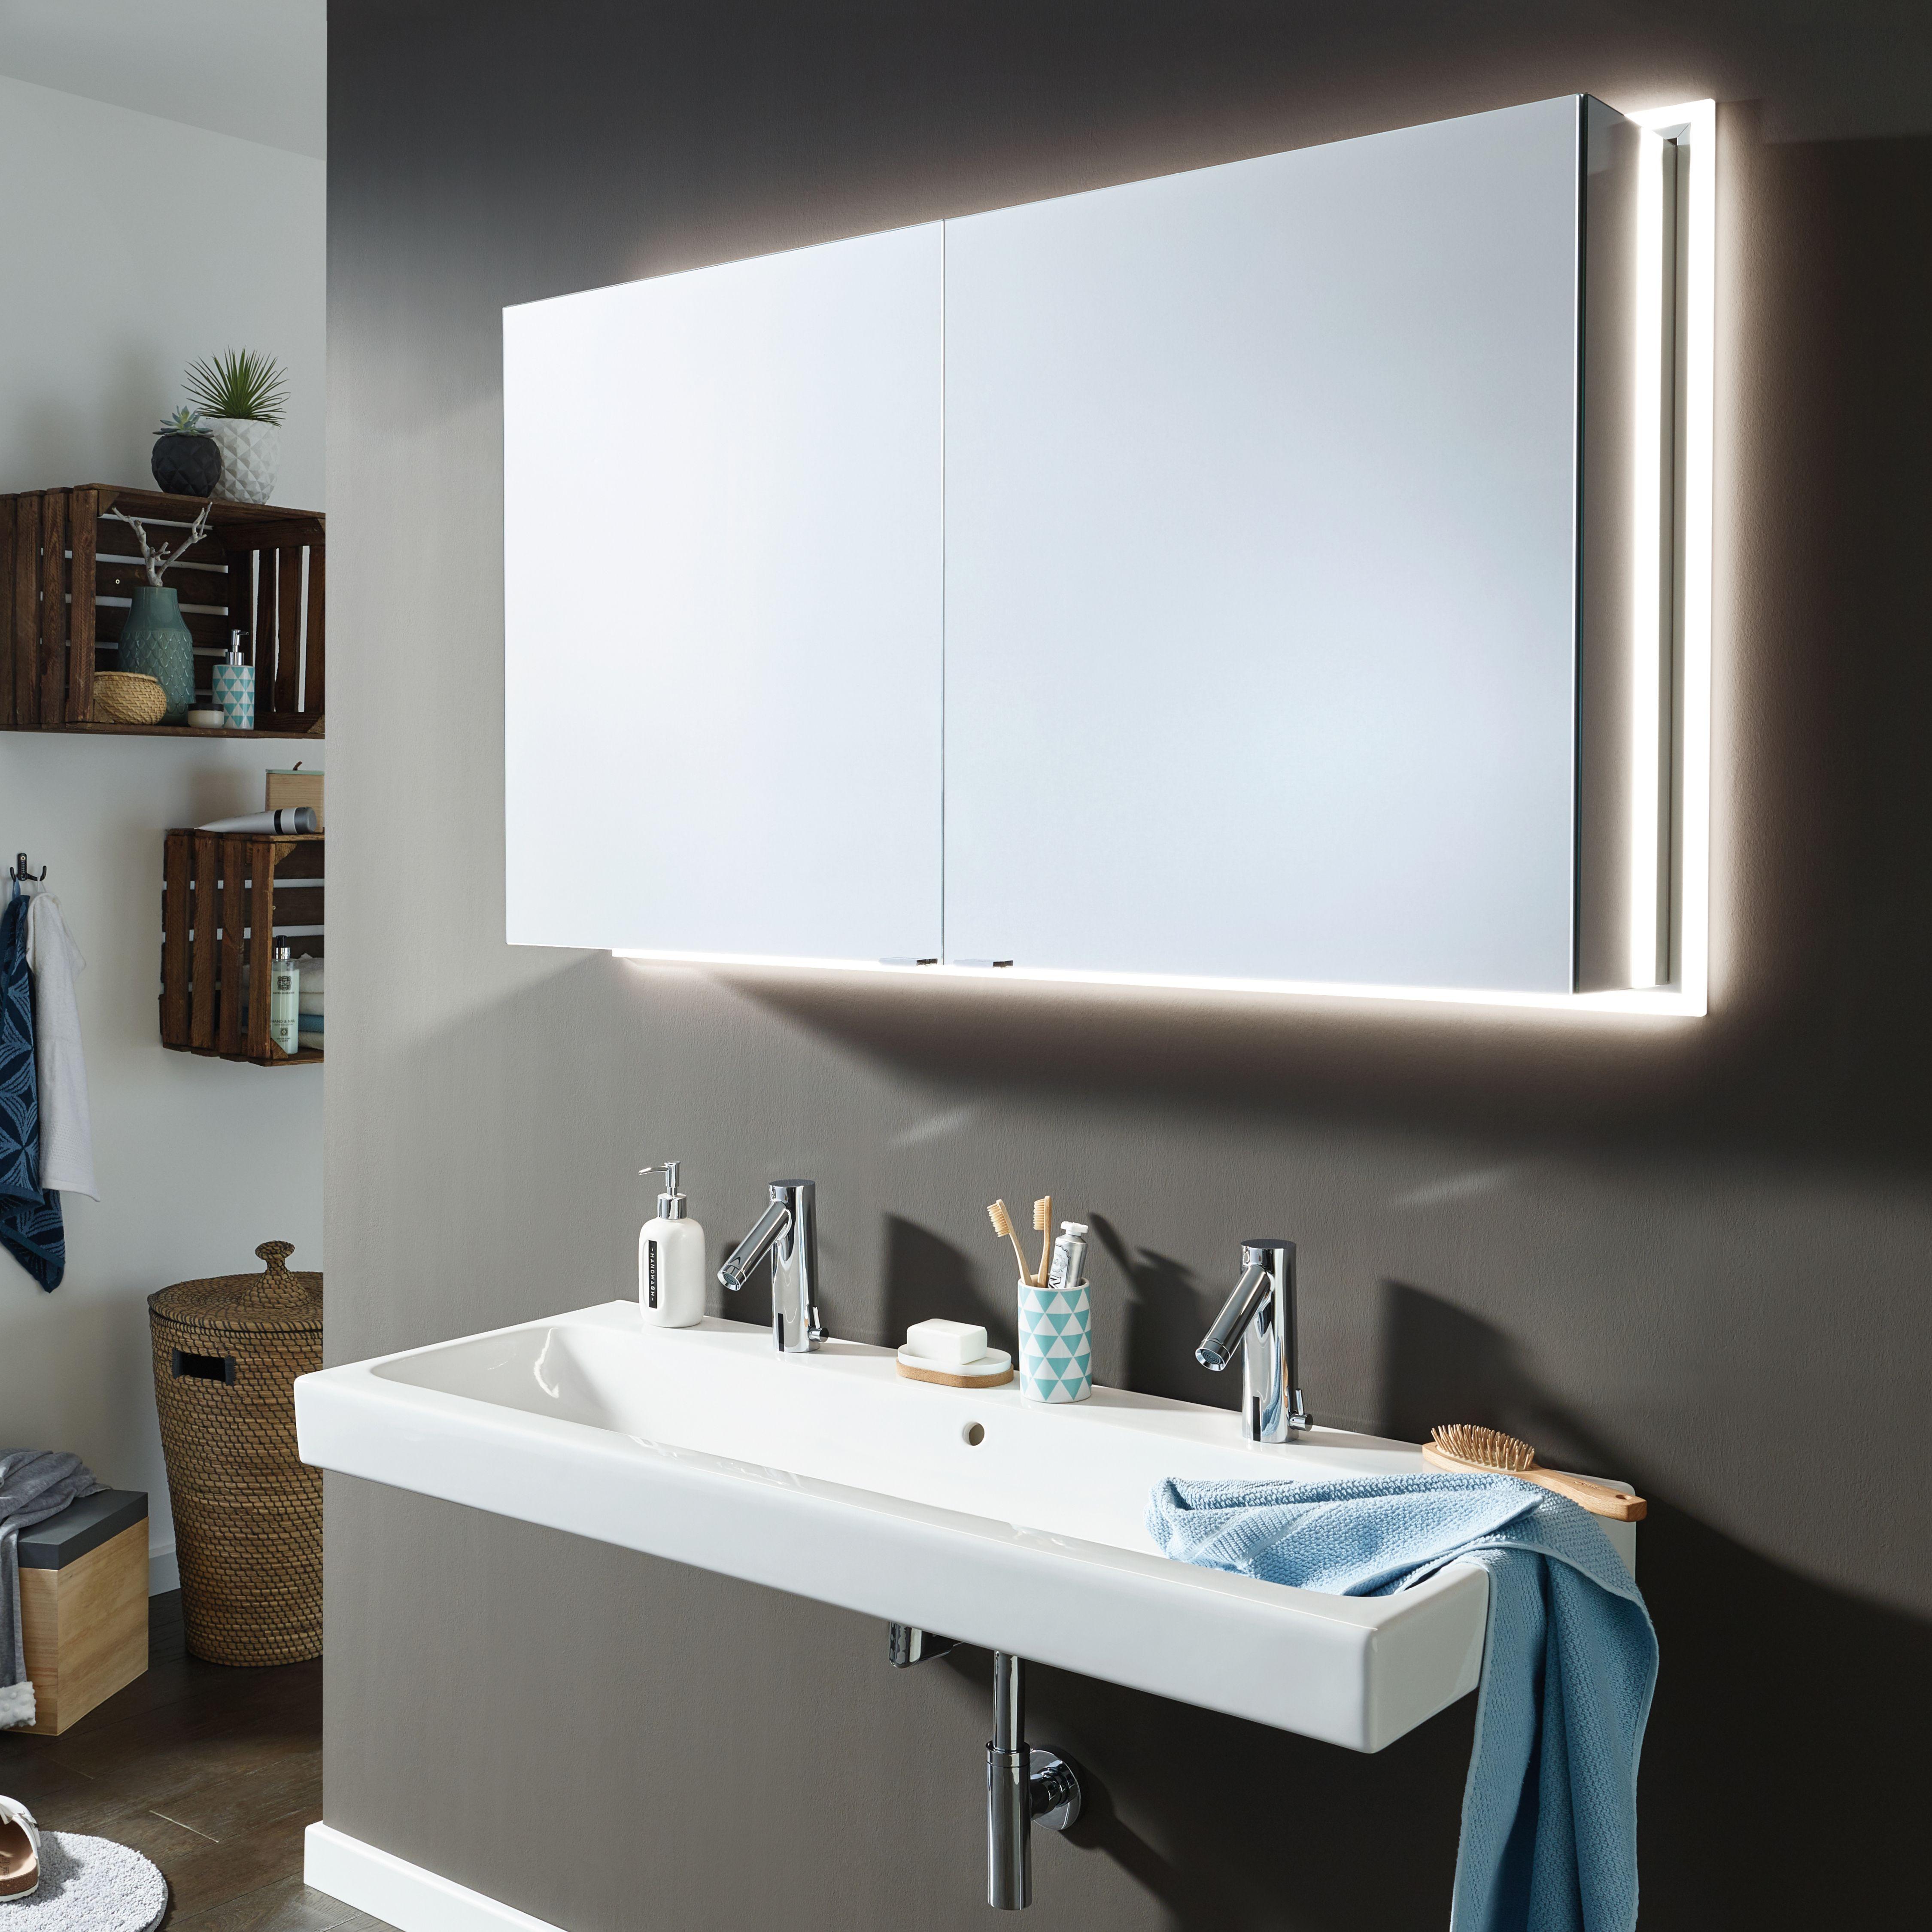 Unser Spiegelschrank Modern Line Fur Tolle Anblicke Am Morgen Spiegelschrank Led Spiegelschrank Badezimmerspiegel